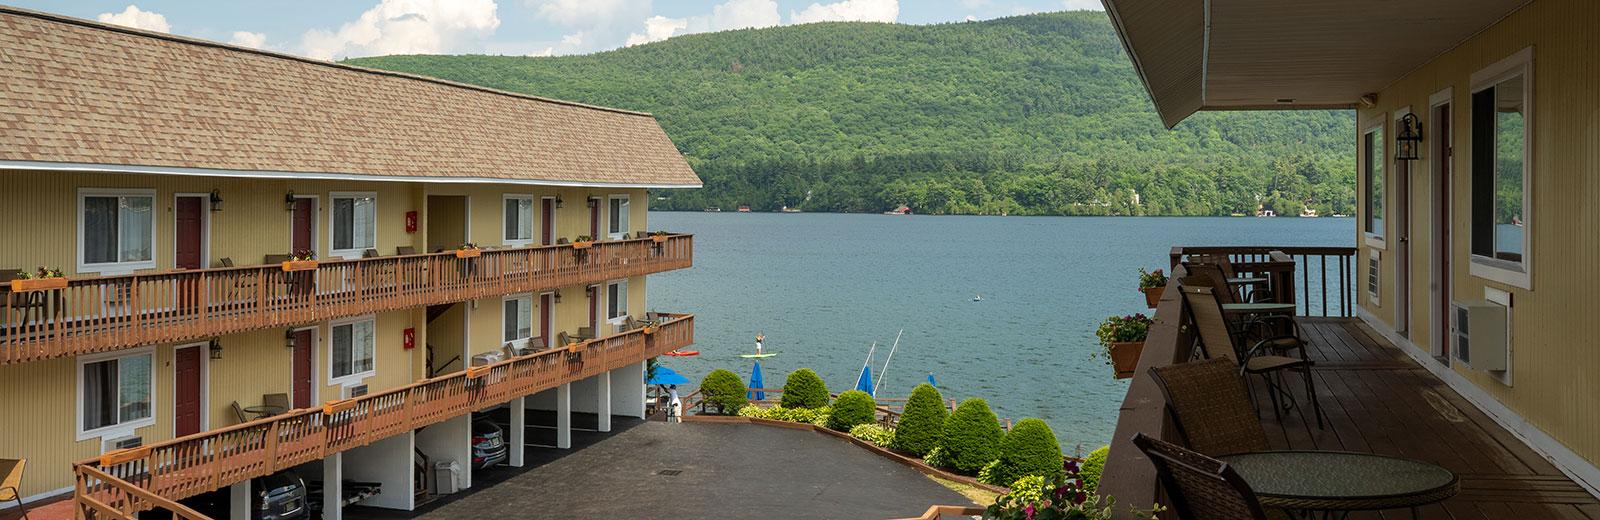 Balconies overlooking Lake George and Resort Pool